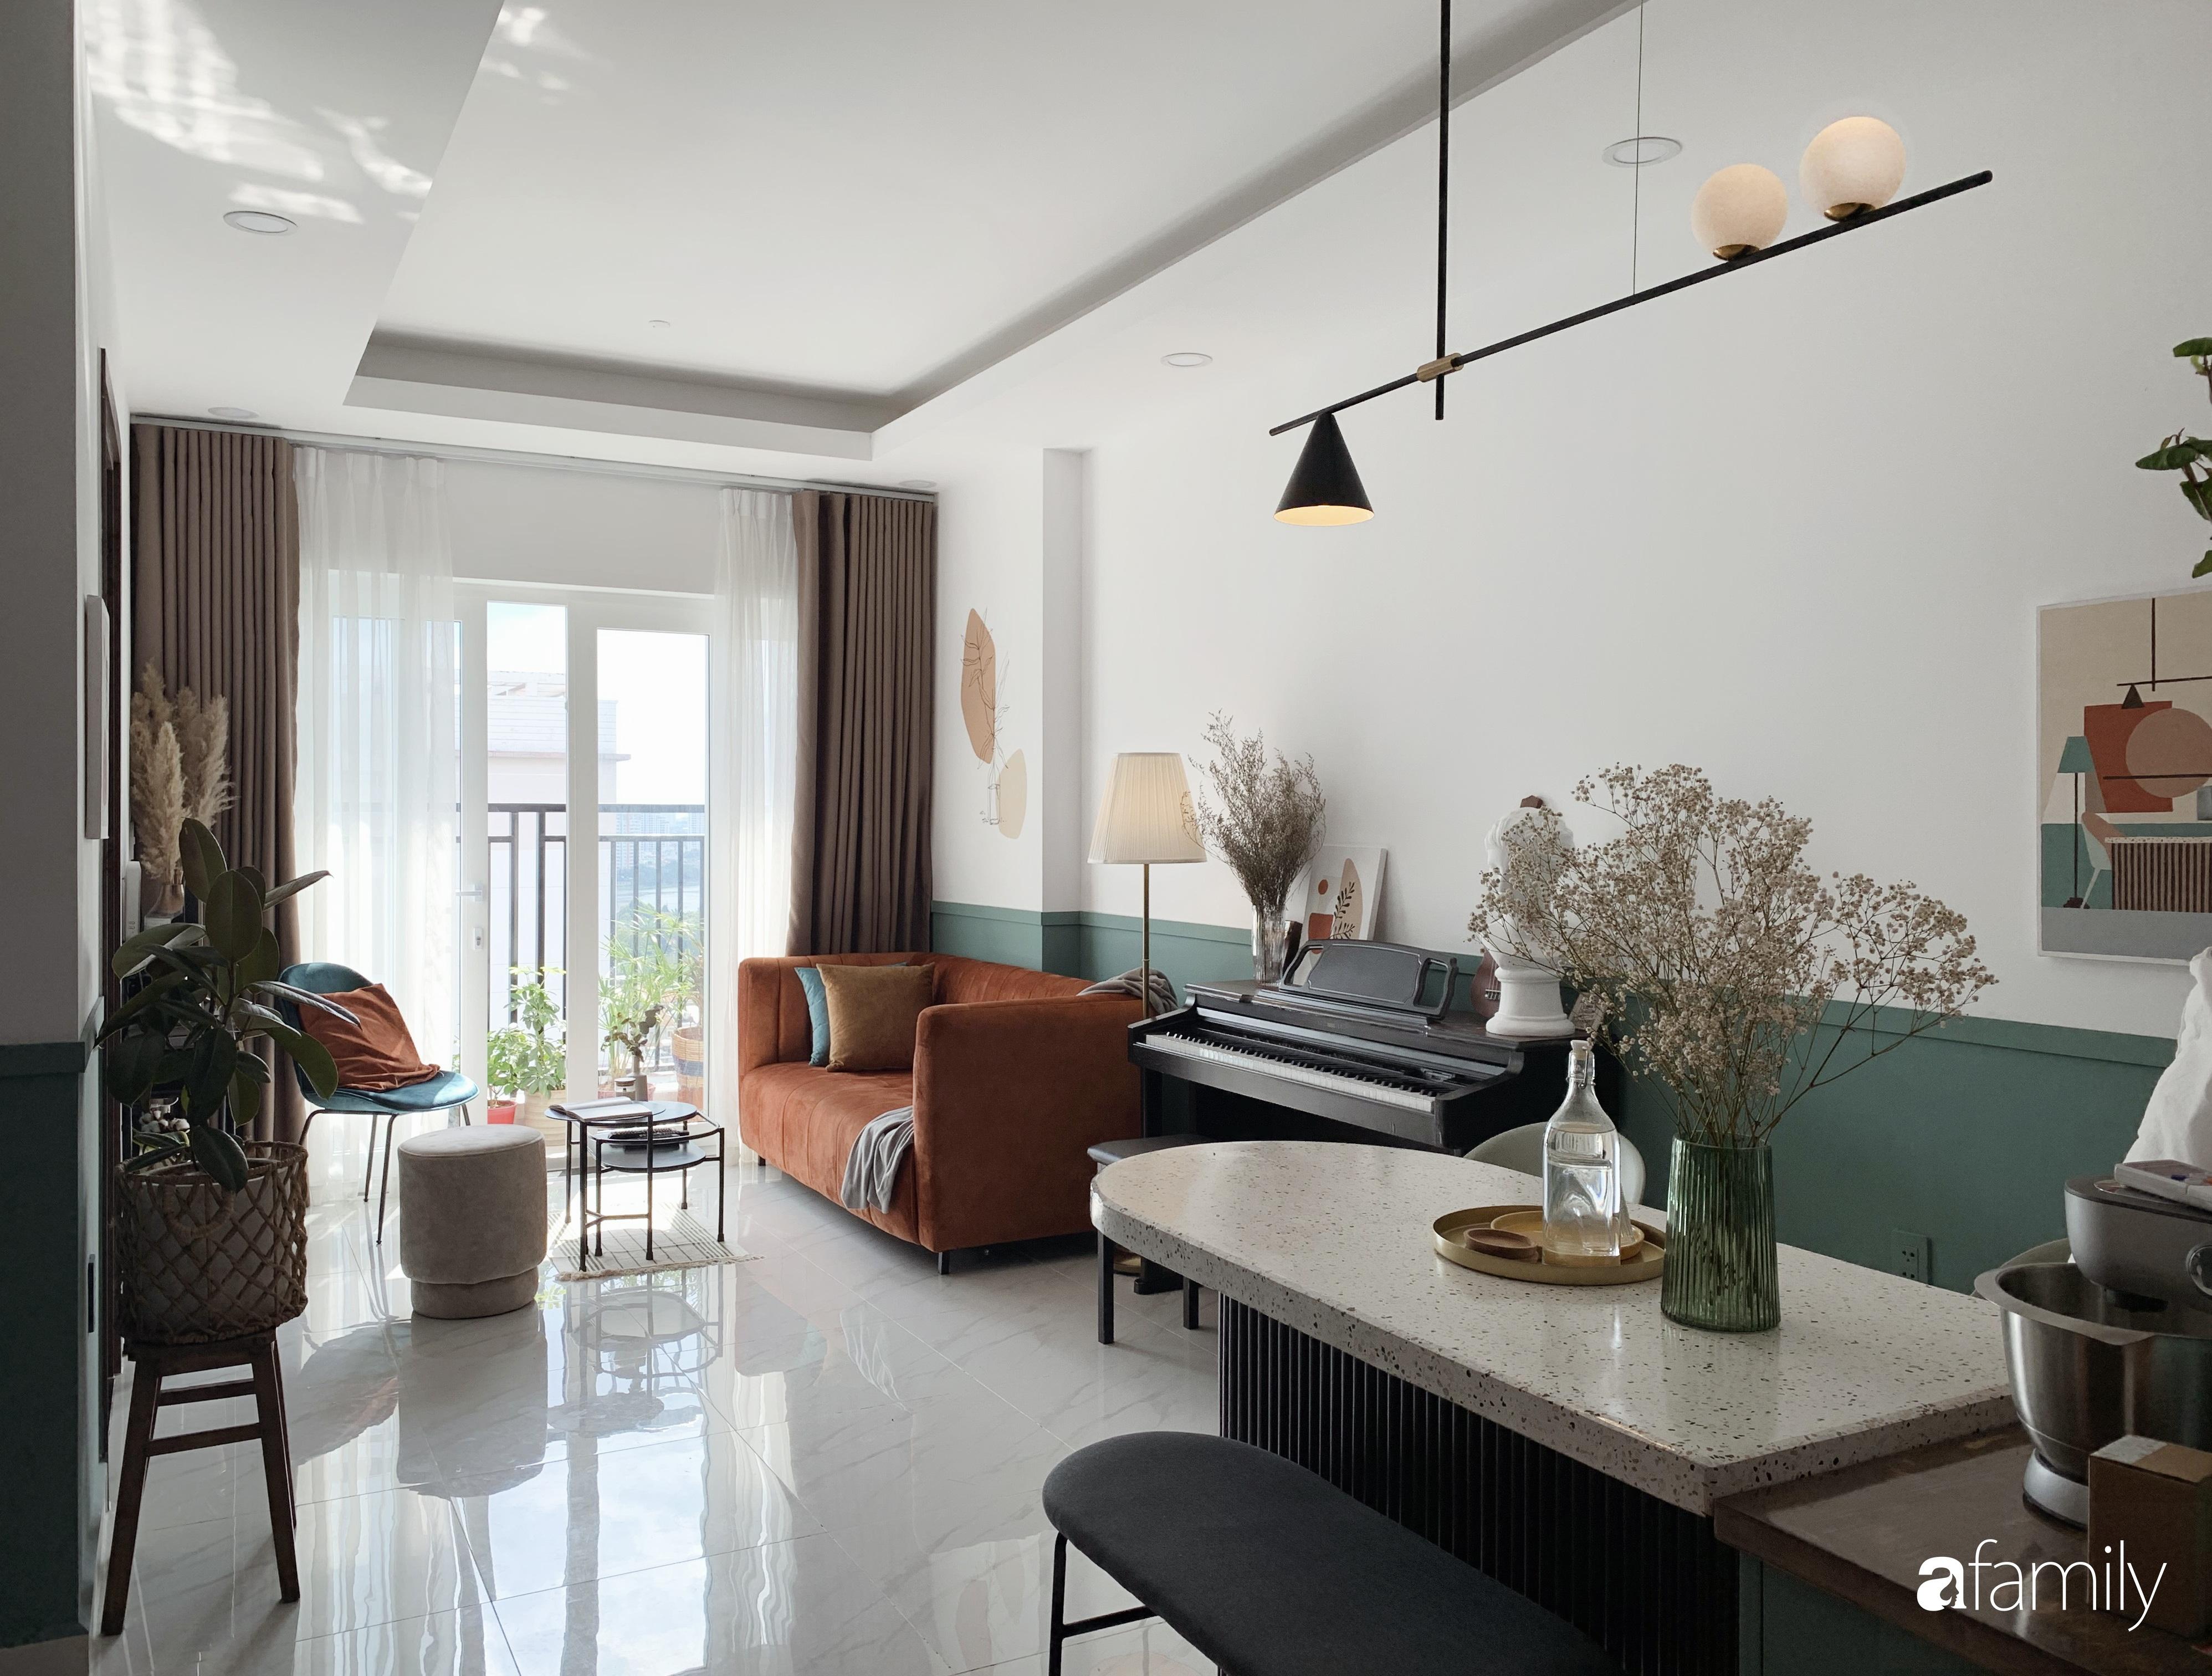 Căn hộ 66m² màu cam đất ấm cúng và trẻ trung của cặp vợ chồng trẻ tự tay thiết kế có chi phí 150 triệu đồng ở Sài Gòn - Ảnh 3.